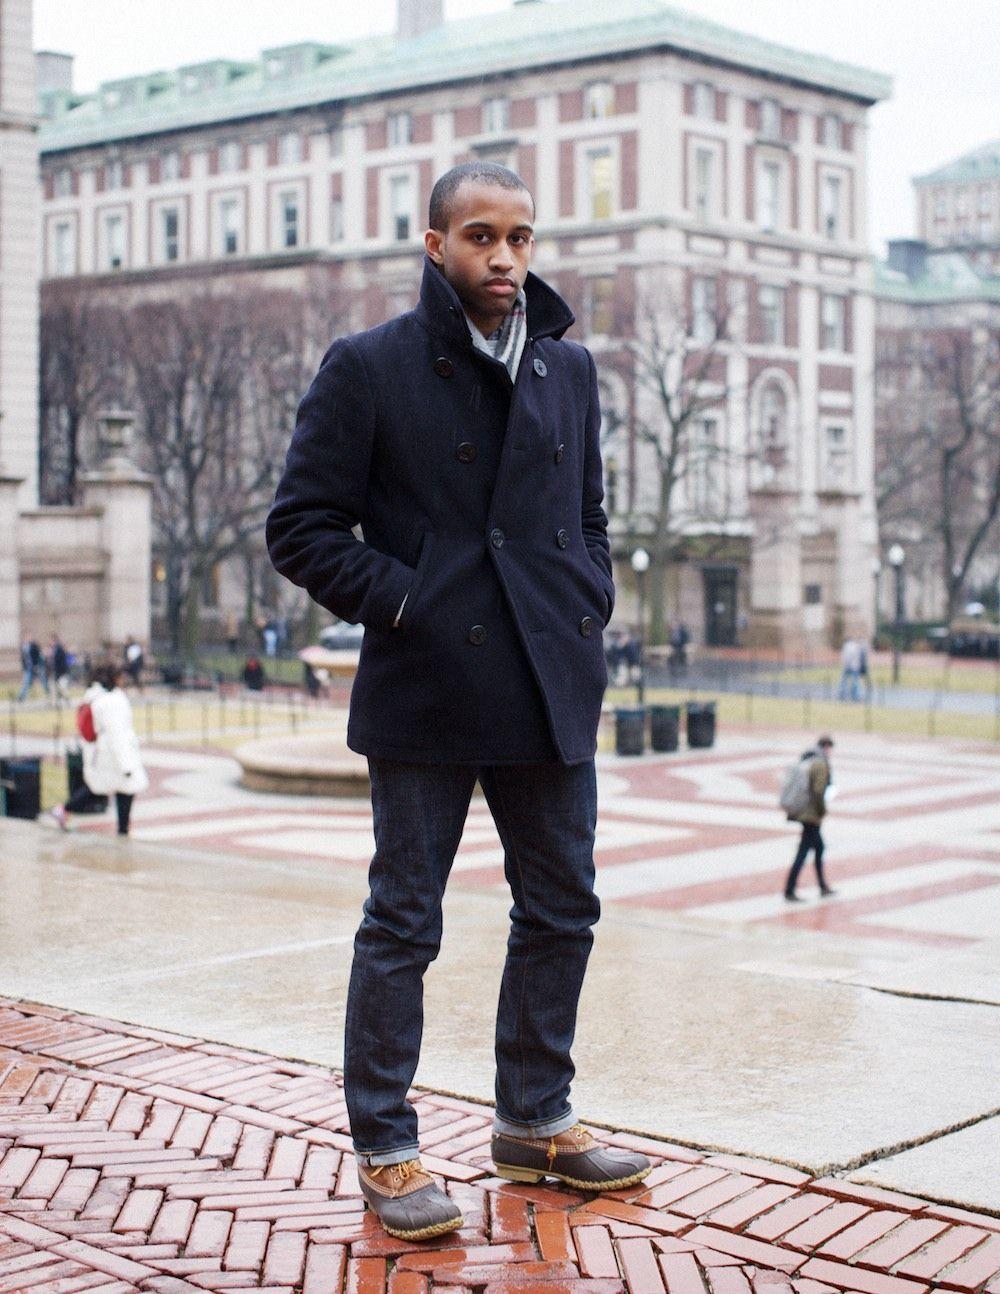 51fd0cf9552 L. L. BEAN BOOTS + NAVY PEACOAT | mens fashions | Bean boots men ...